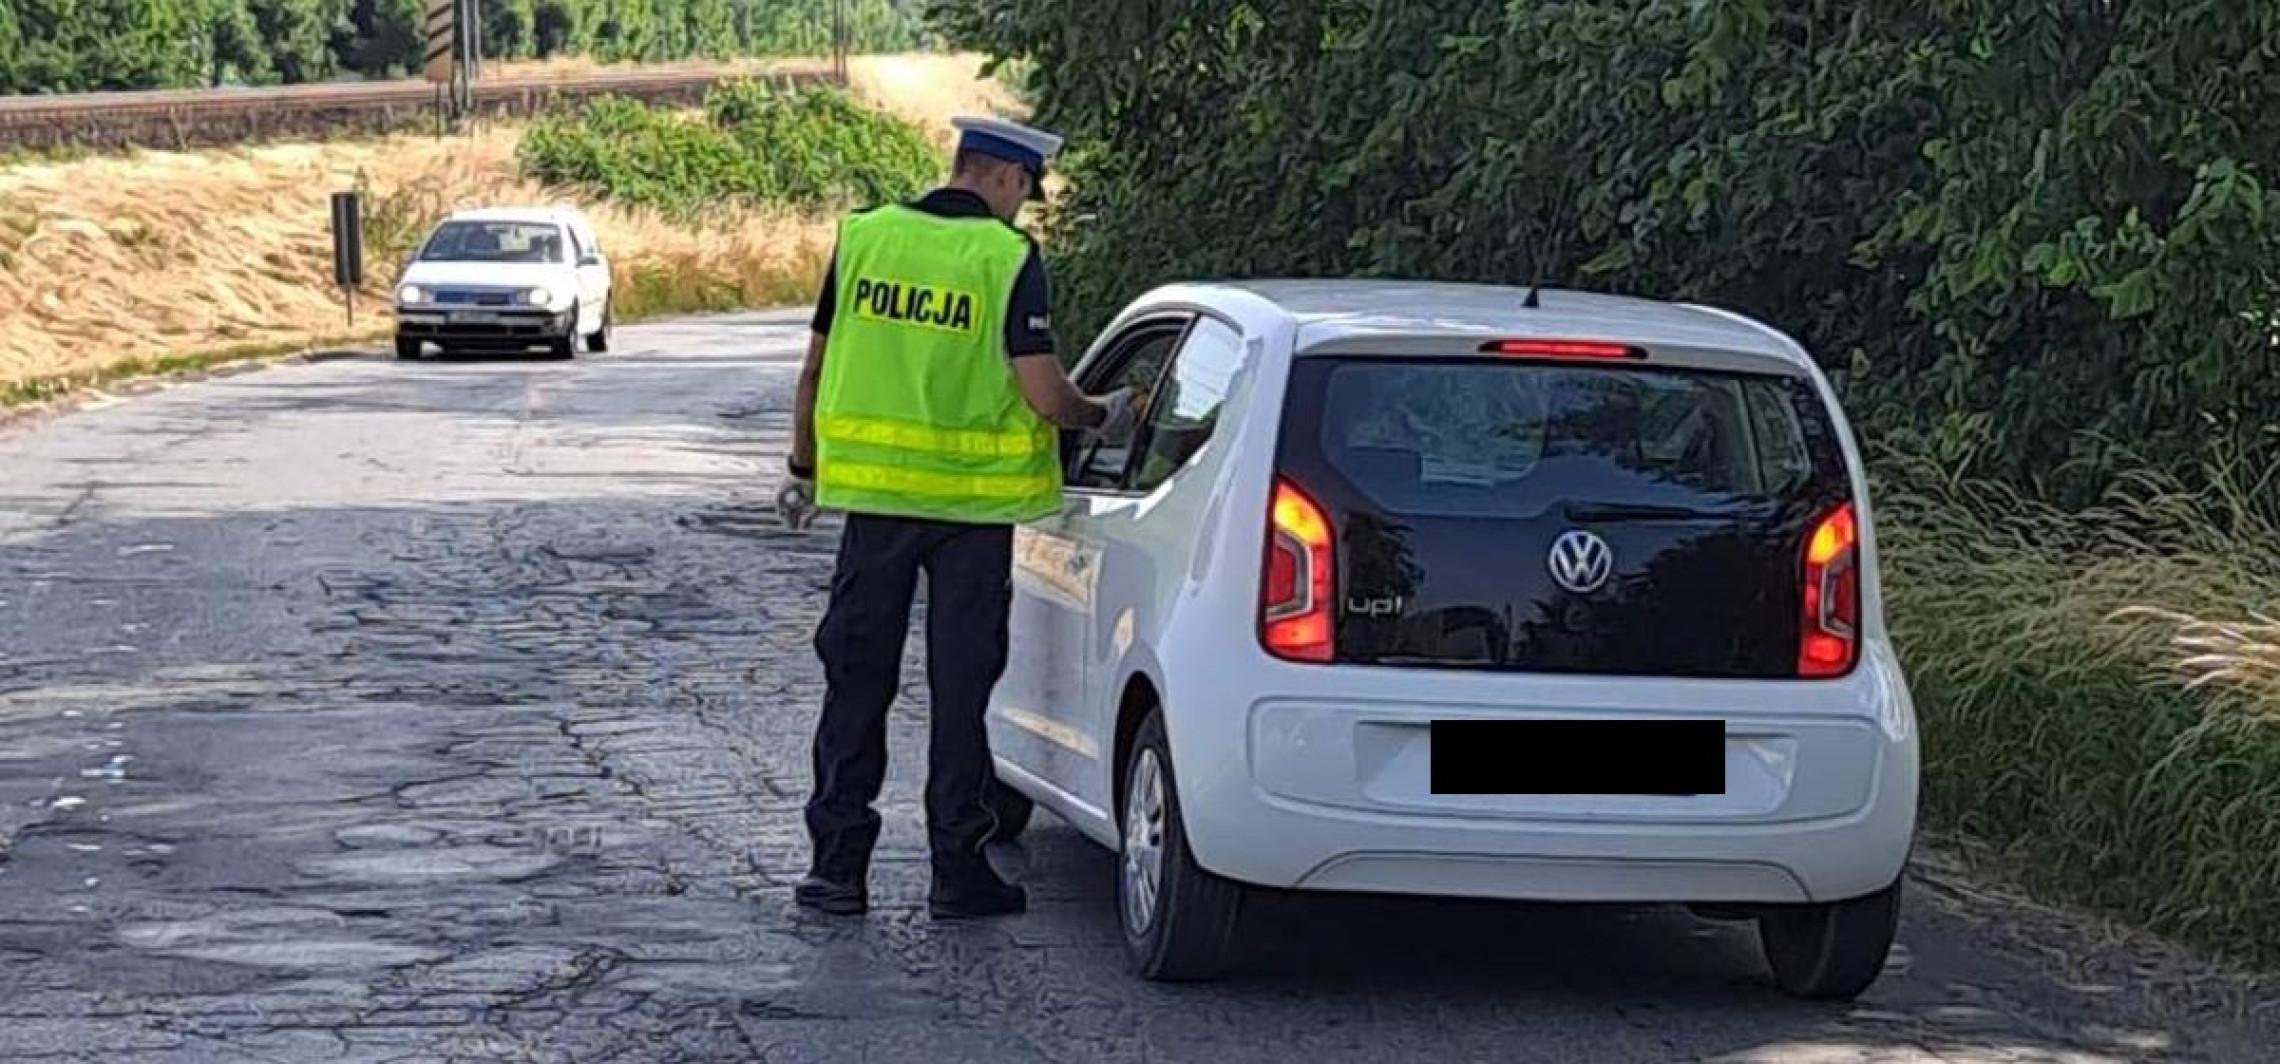 Janikowo - Wsiedli za kółko po alkoholu. Stracili prawo jazdy